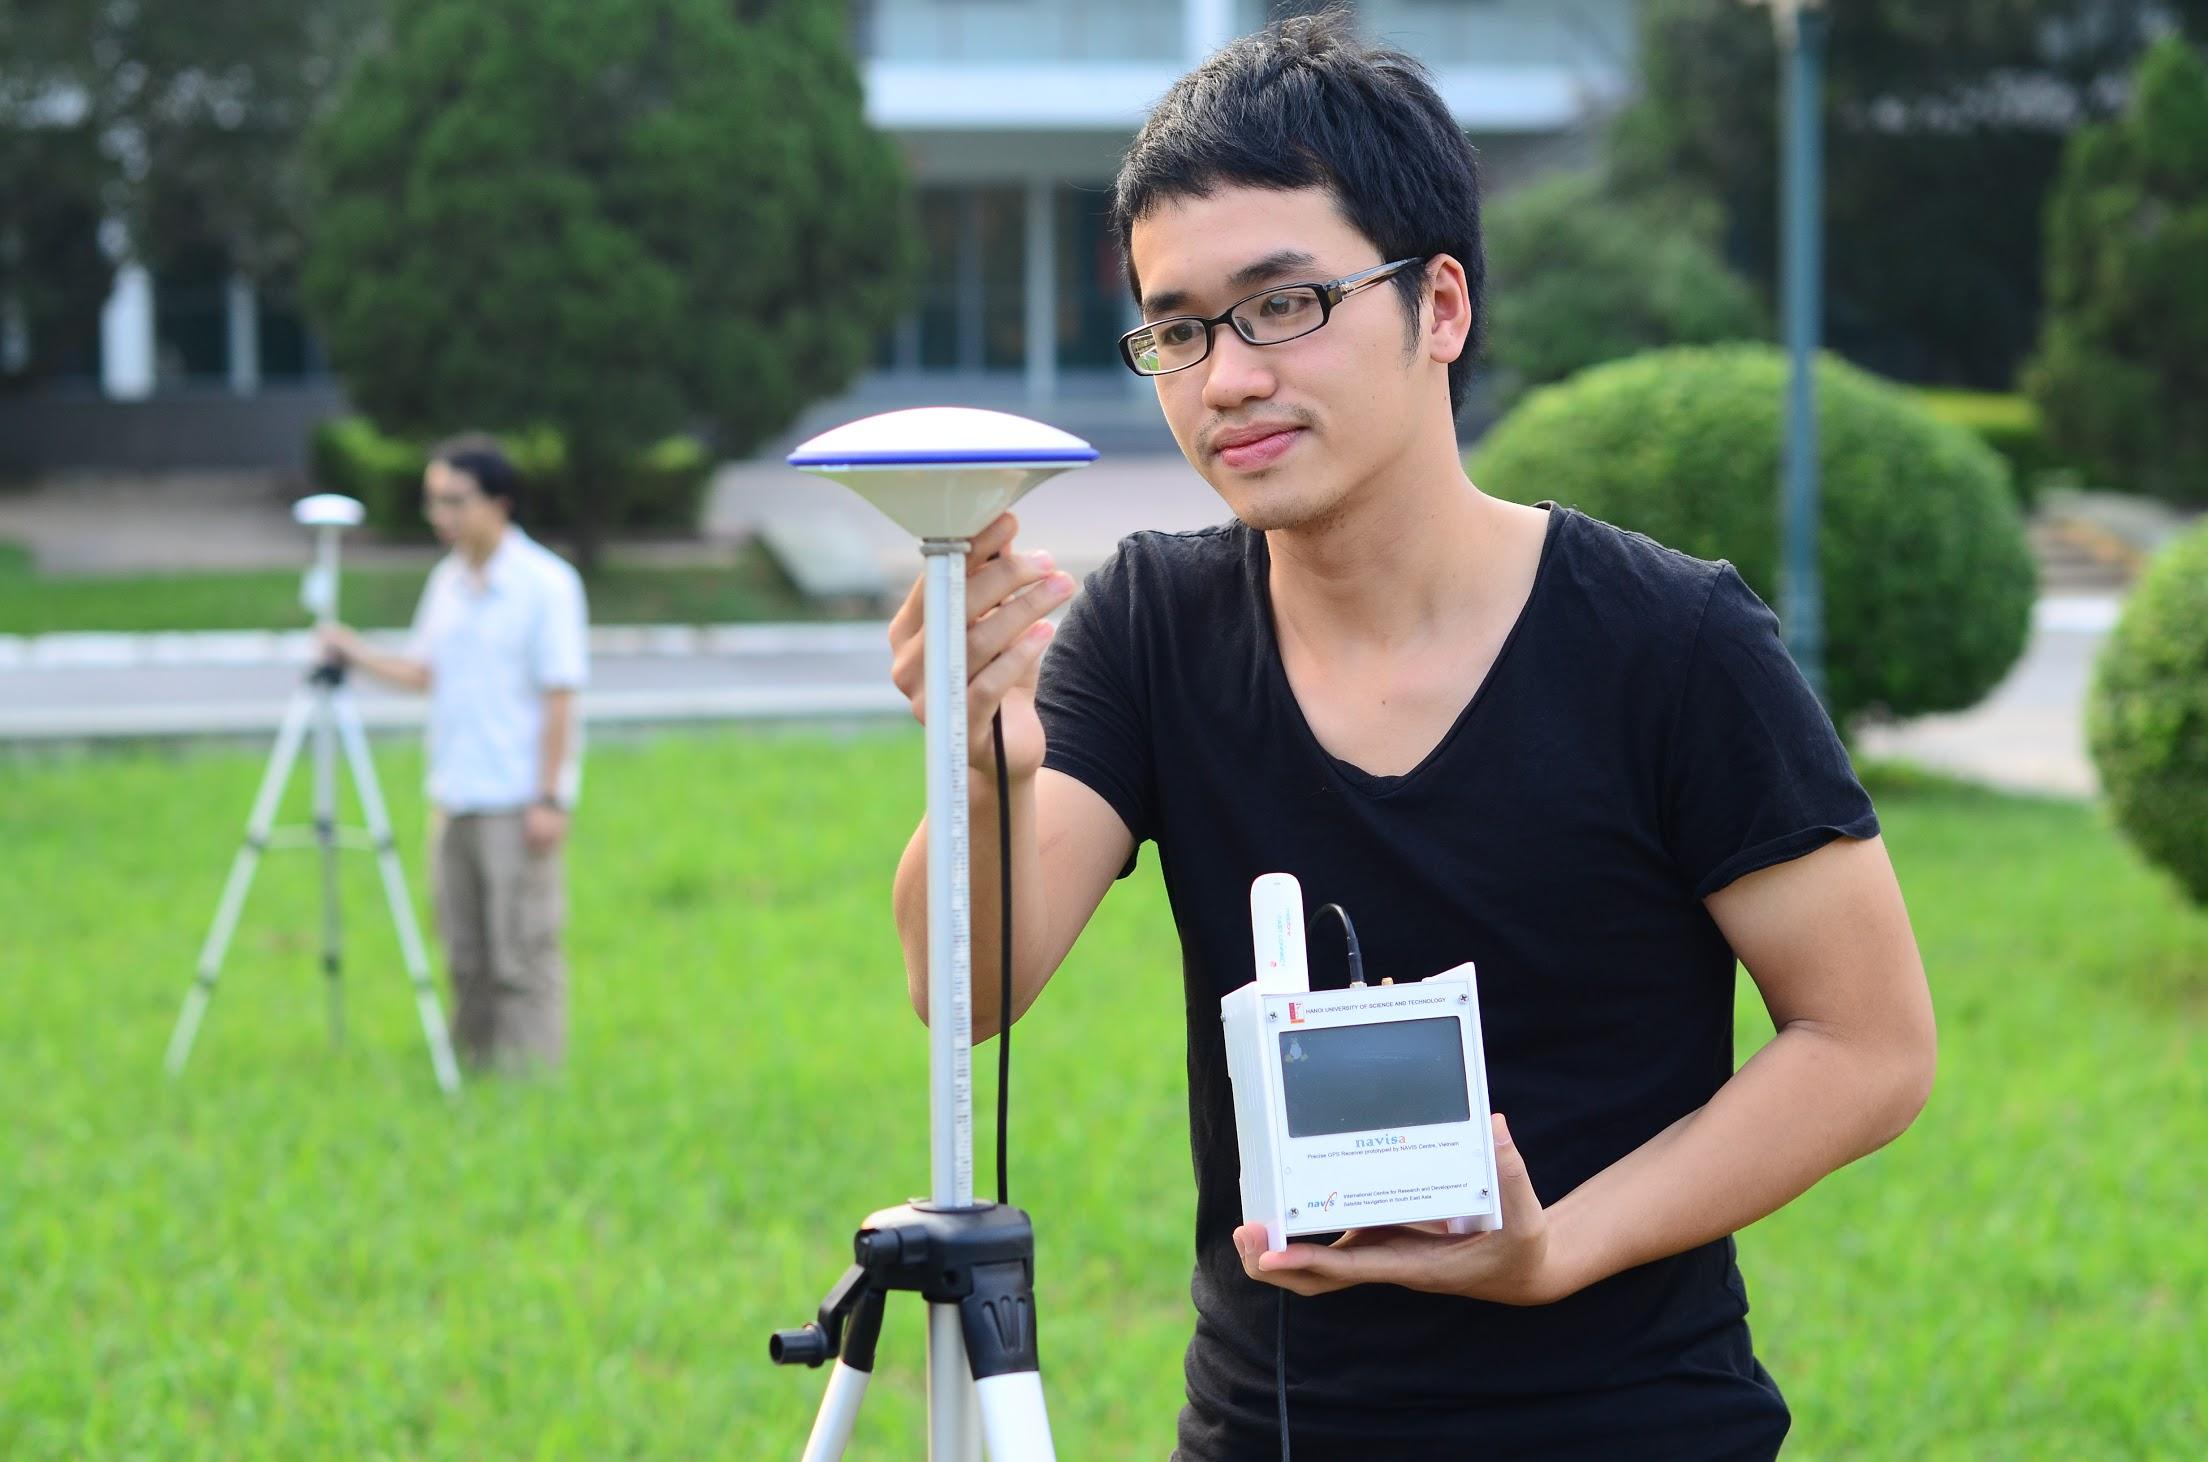 Cán bộ và sinh viên Trung tâm NAVIS, Viện CNTT&TT, ĐH Bách khoa Hà Nội, thử nghiệm thiết bị thu tín hiệu vệ tinh định vị. Nguồn: HUST